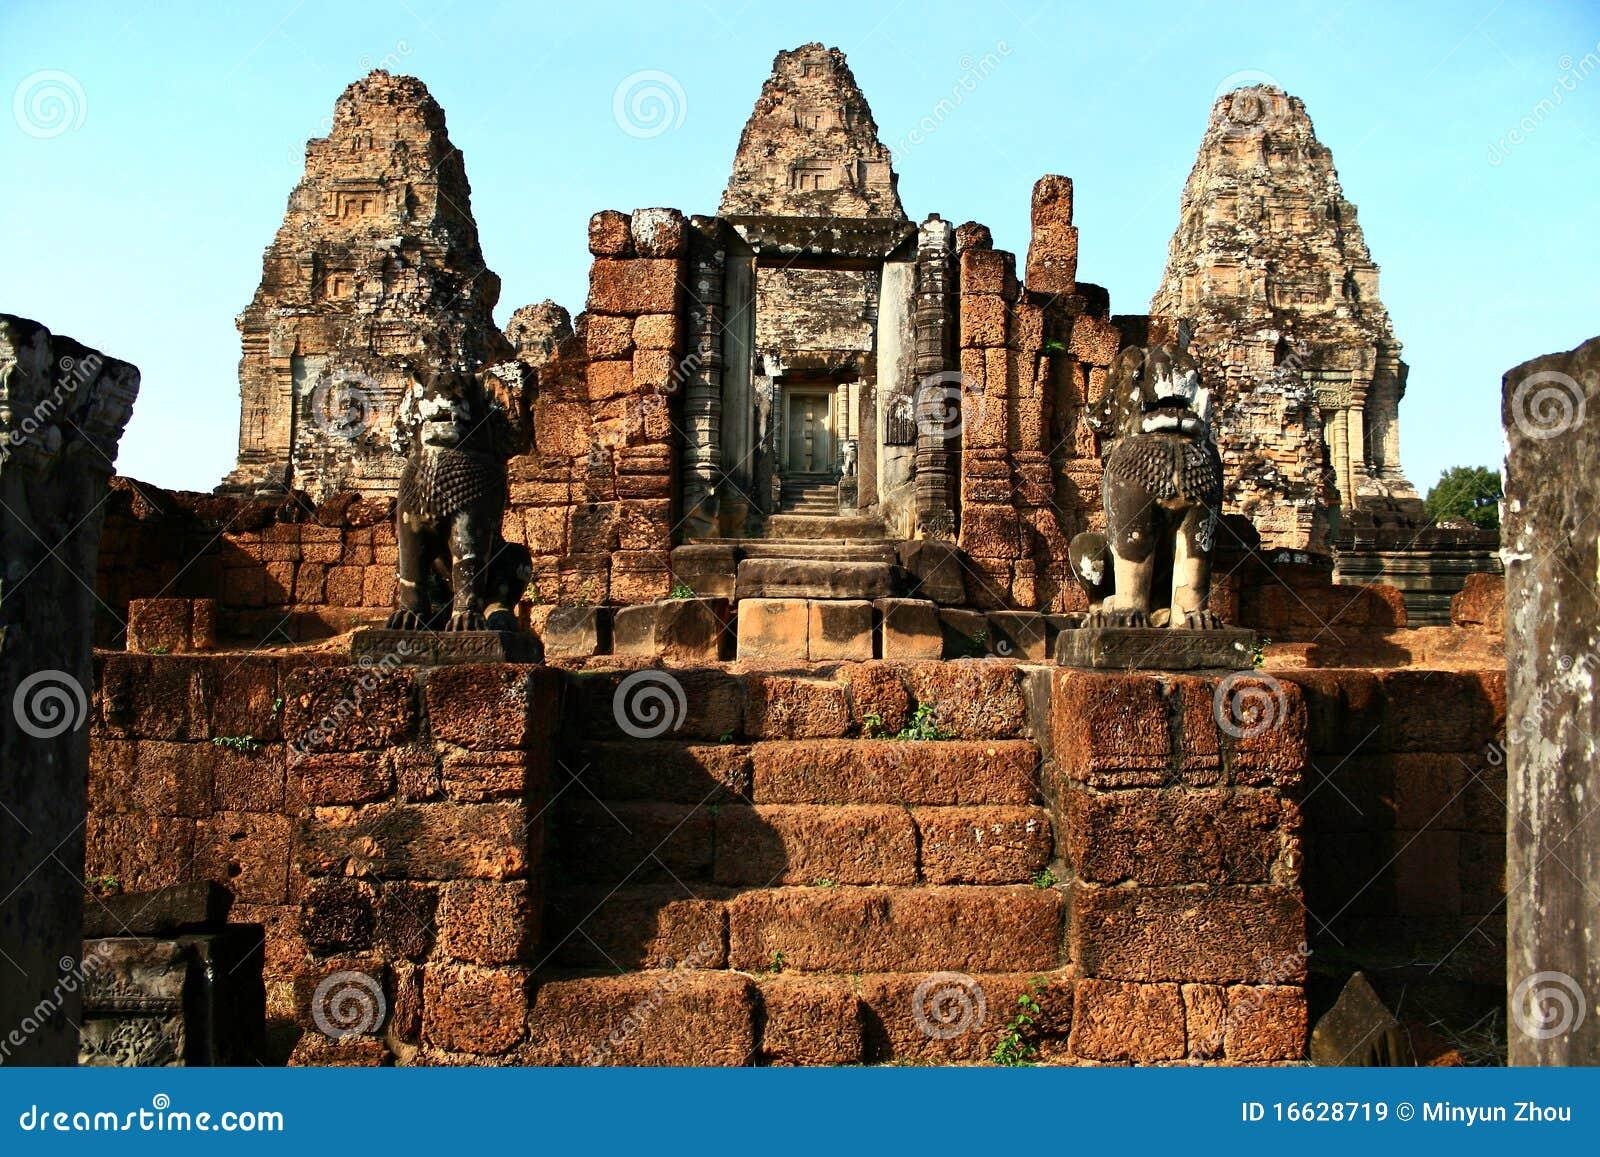 East Mebon,Angkor